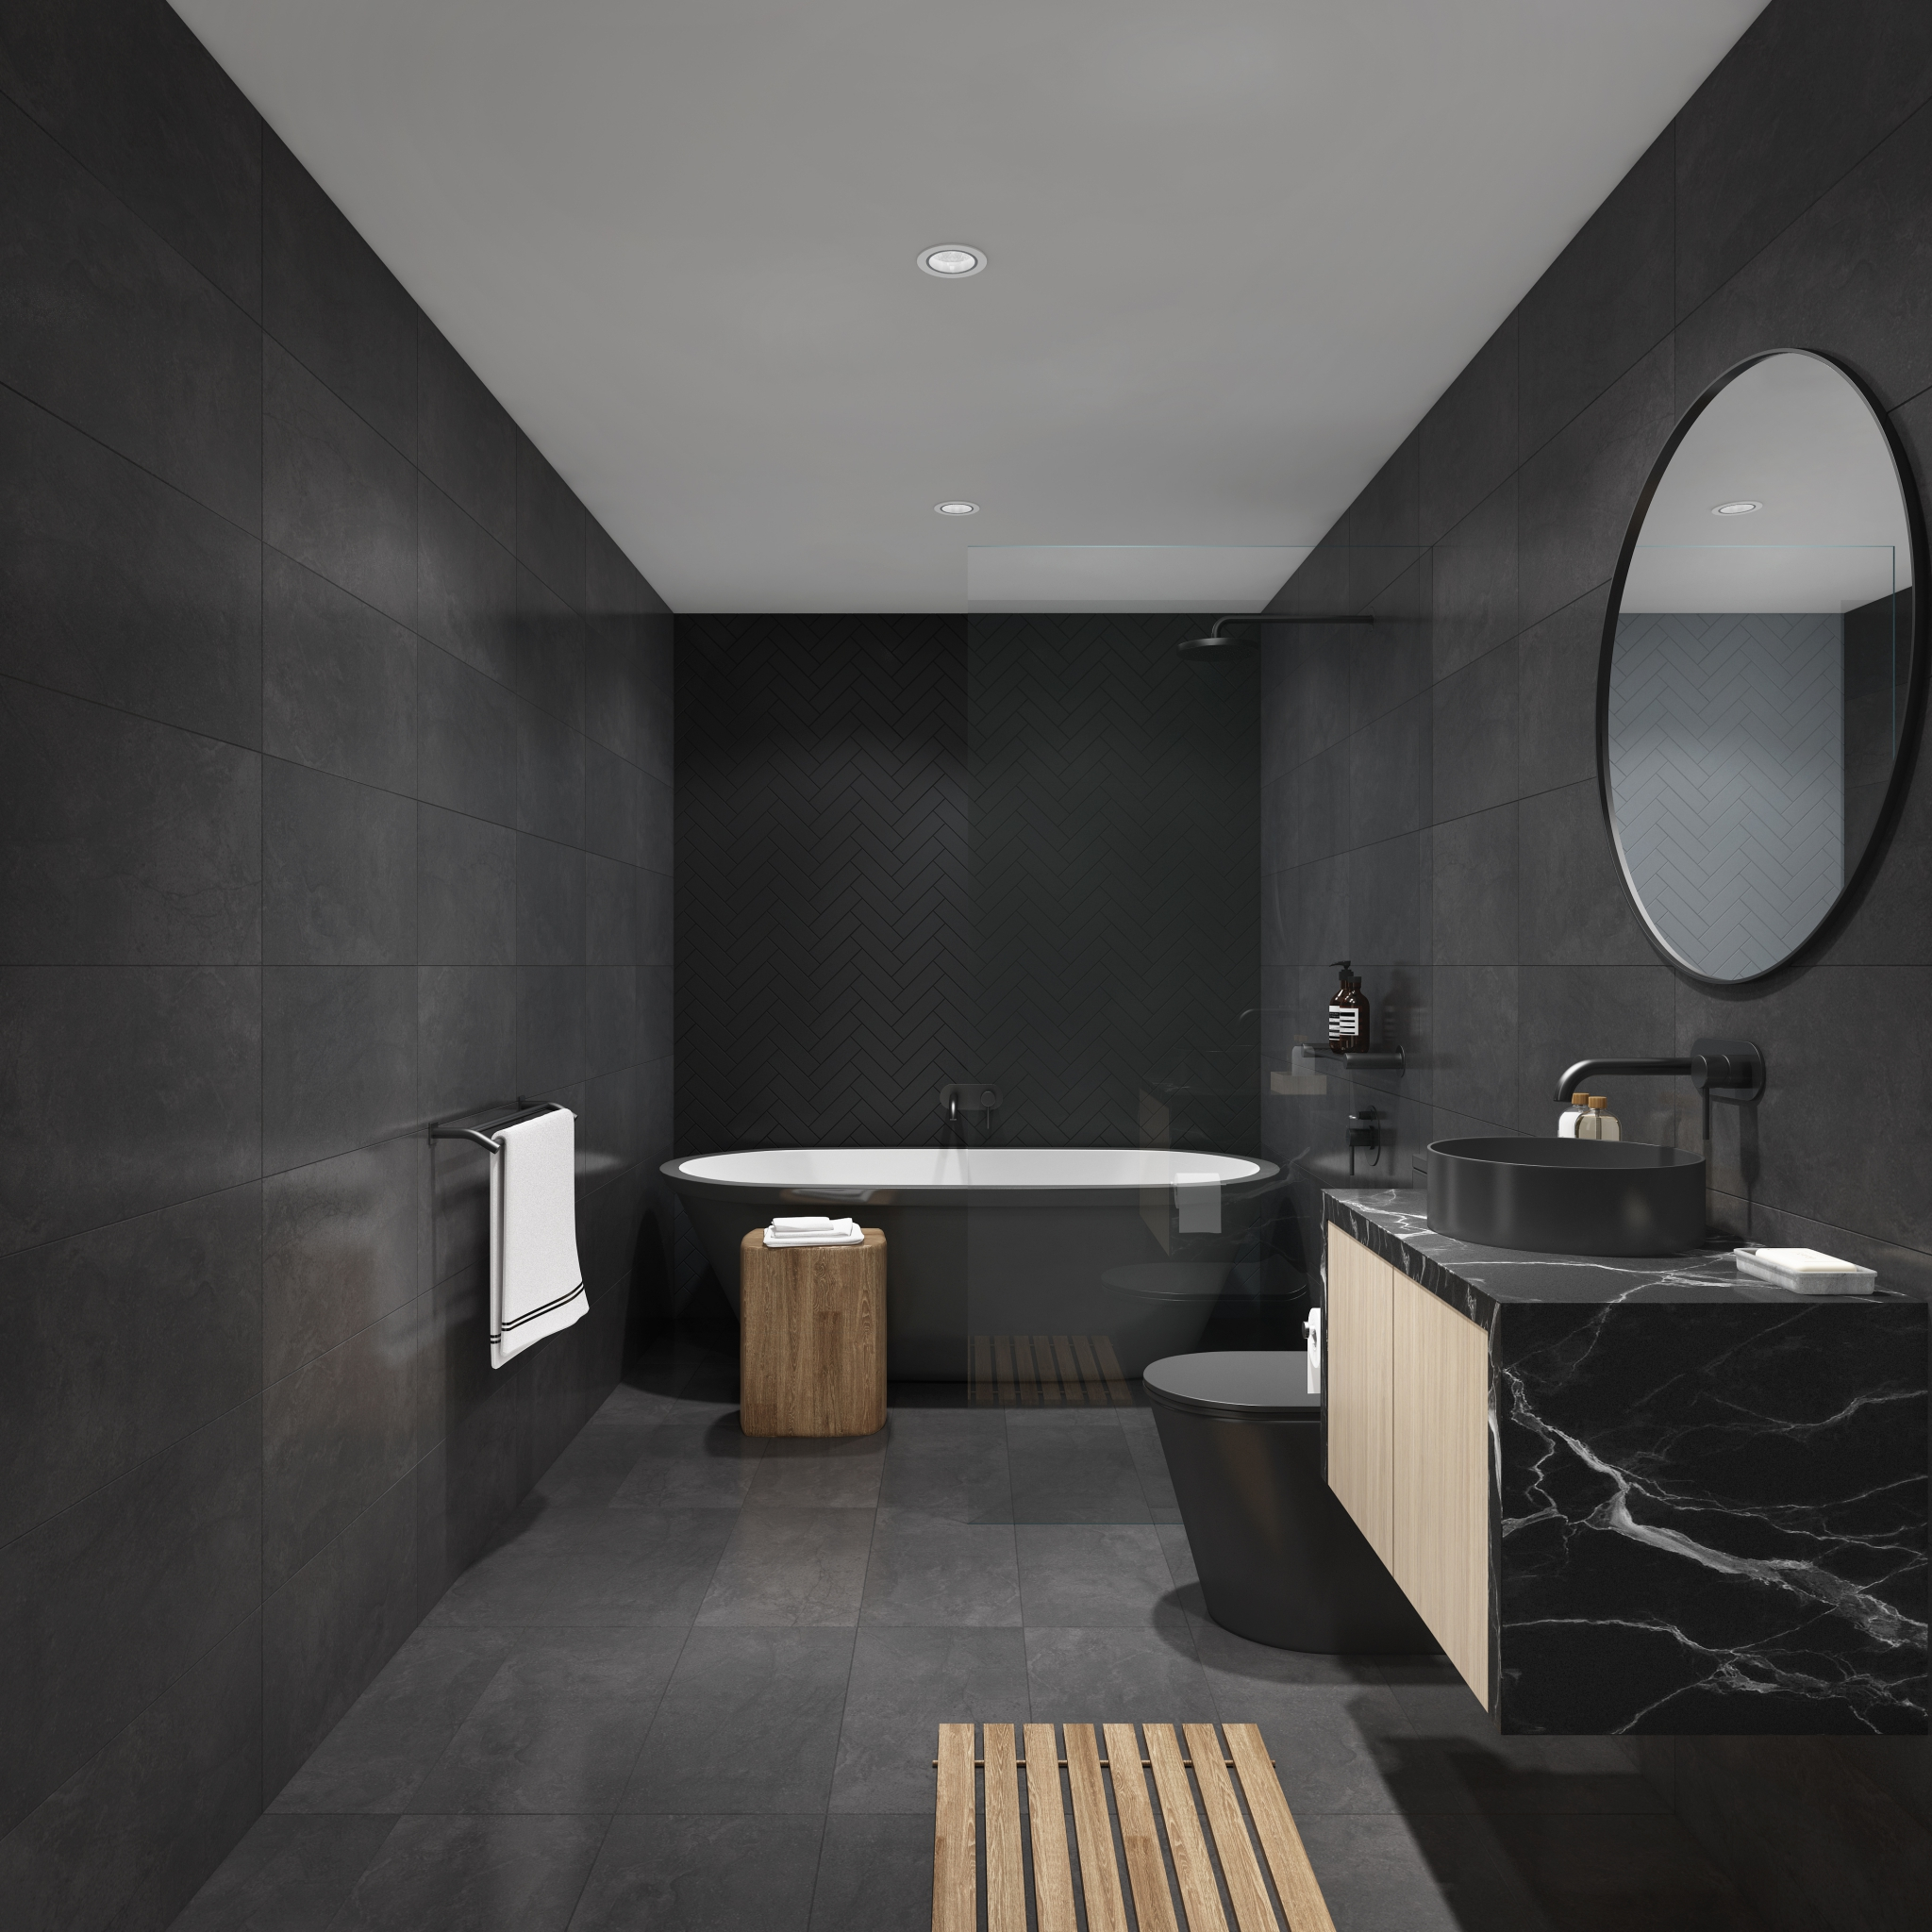 Residence 26 Bathroom Noir Palette